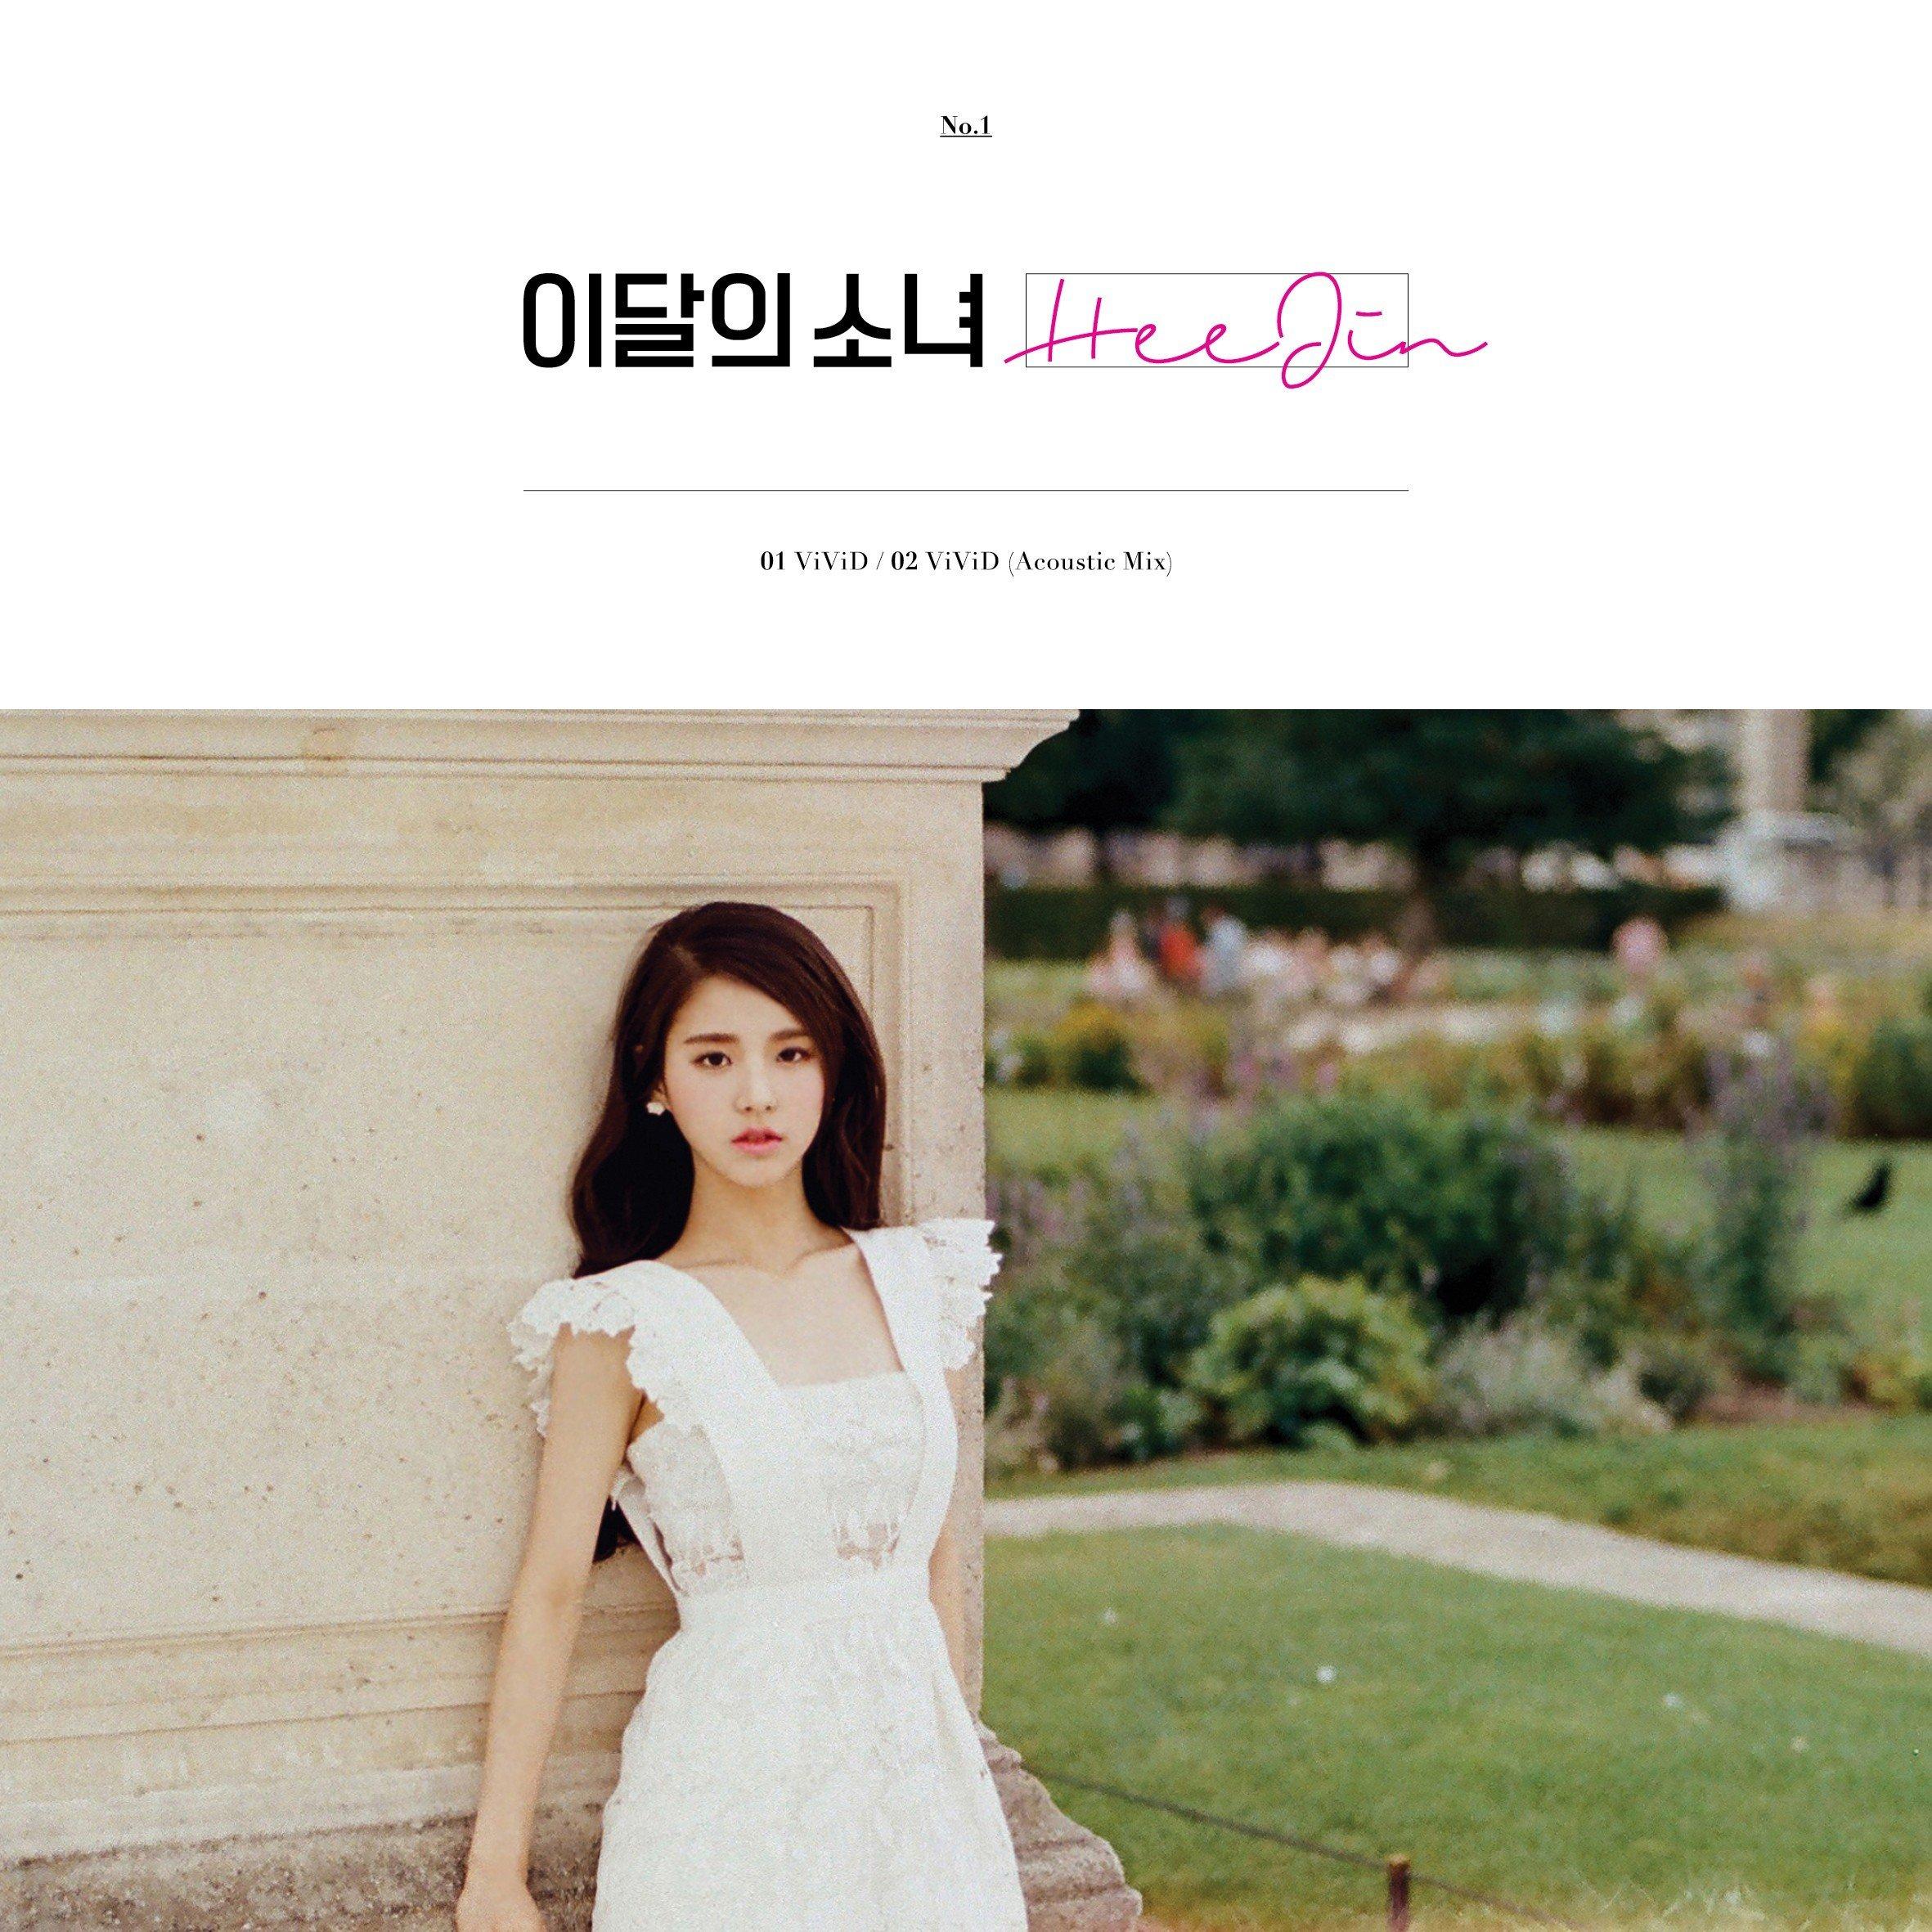 LOONA (이달의 소녀) – HeeJin (희진) [FLAC / WEB] [2016.10.05]